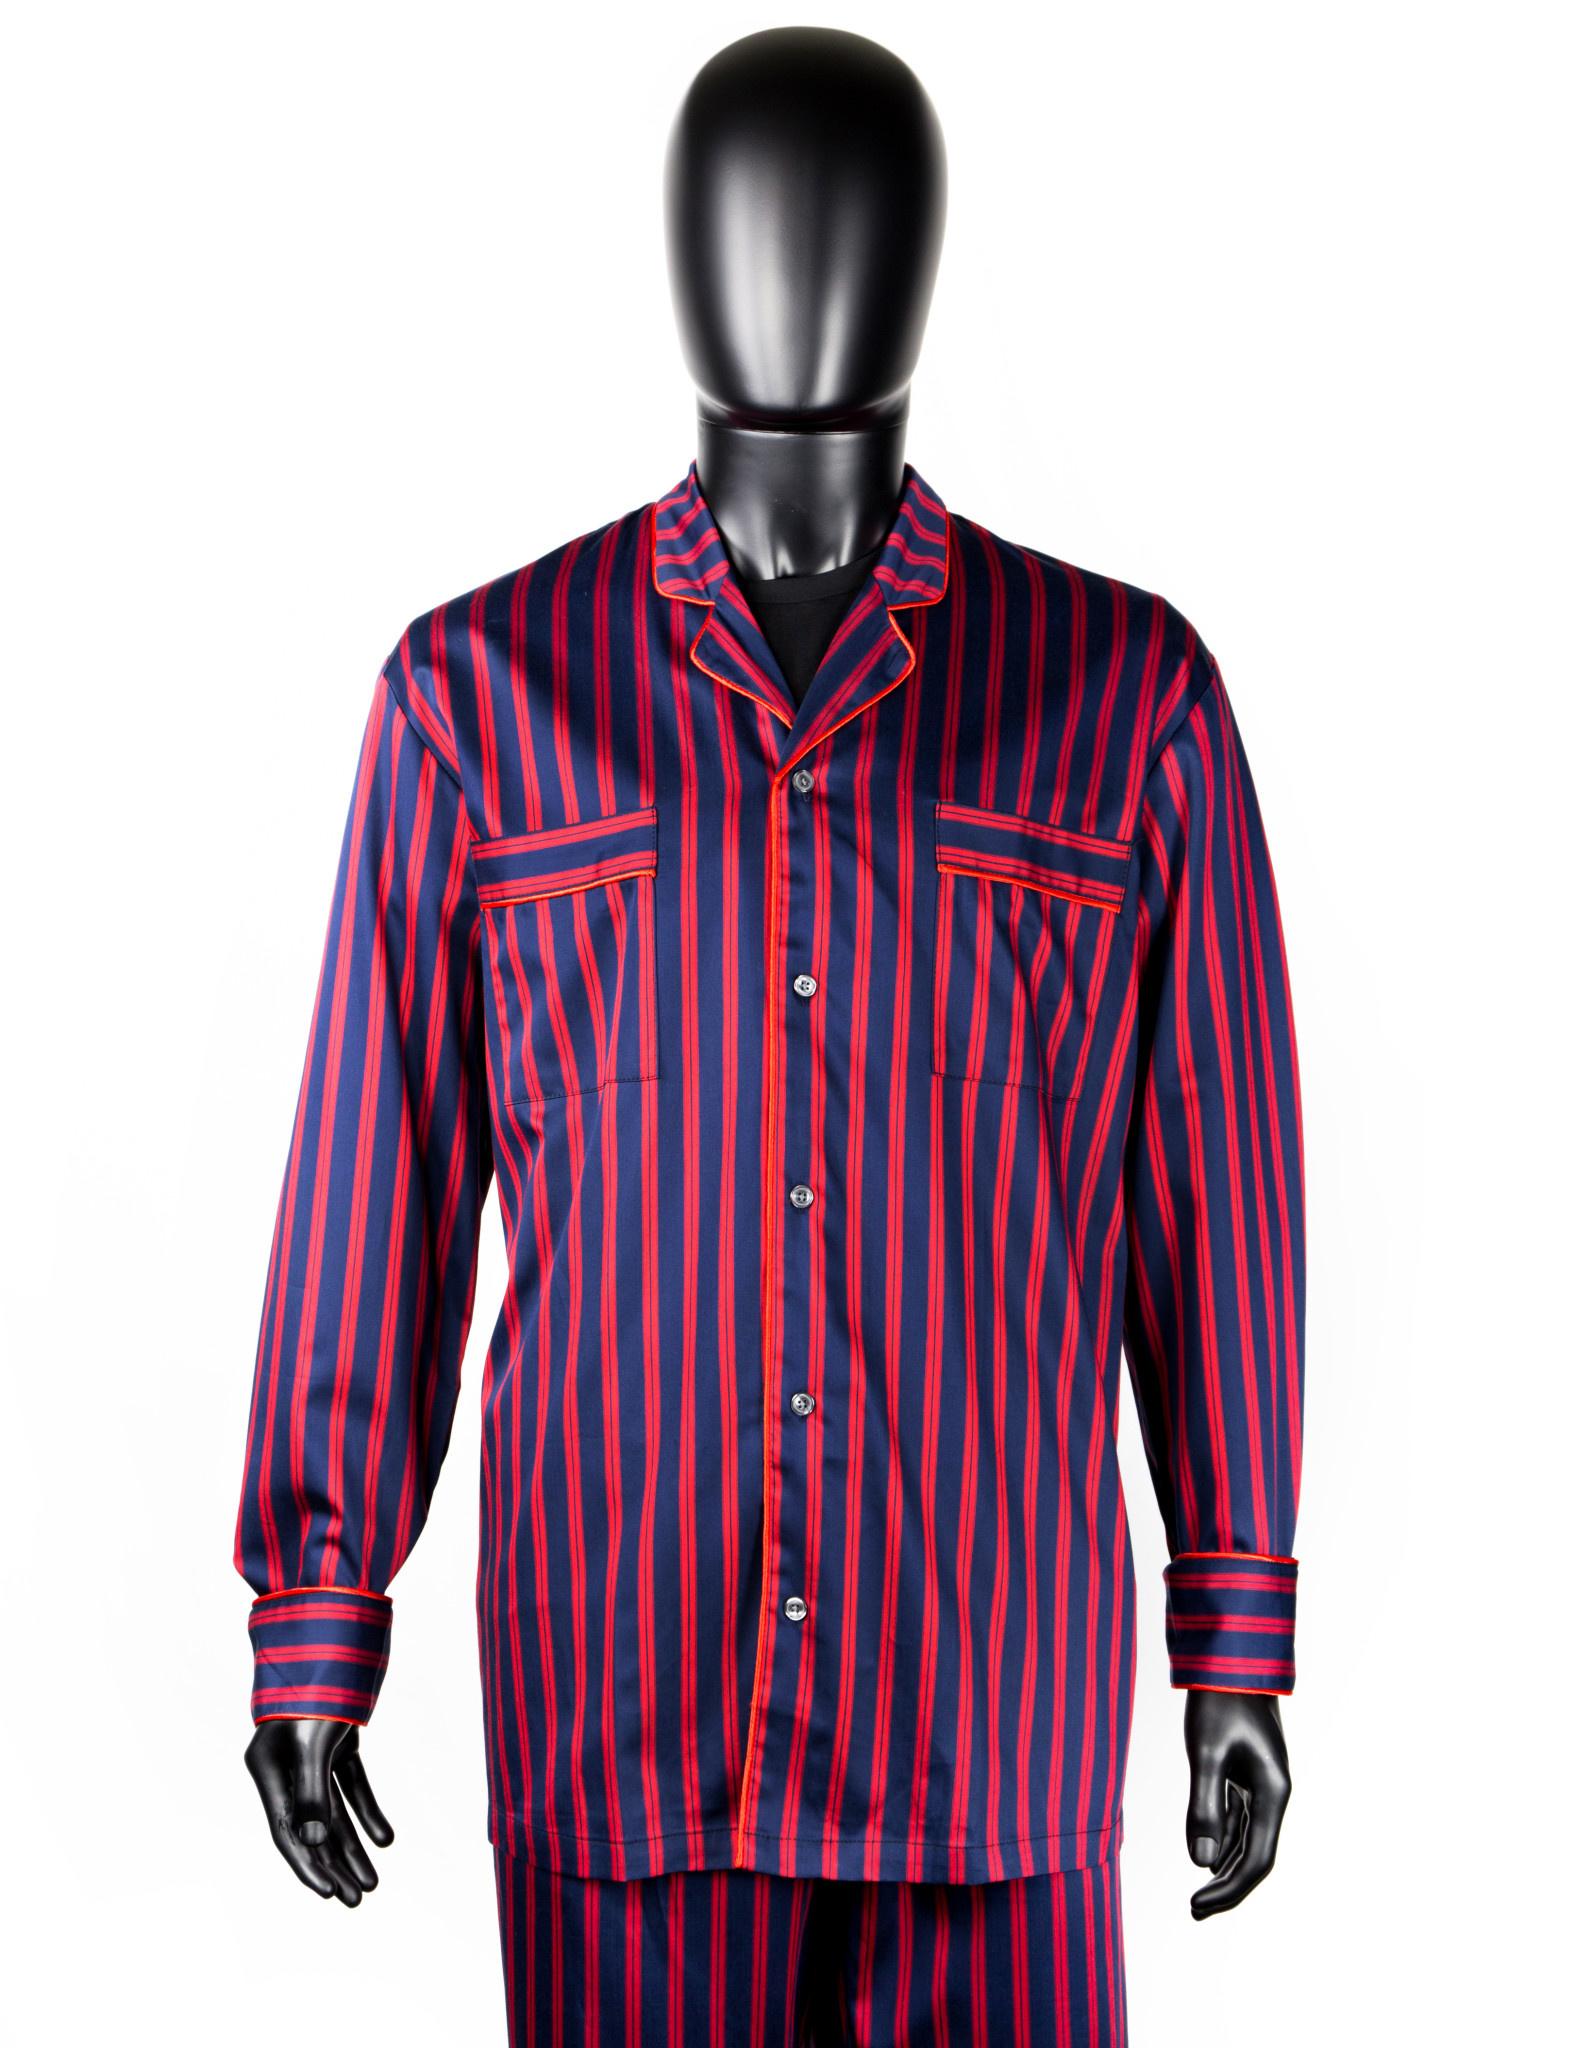 Fredrik Pyjama-1